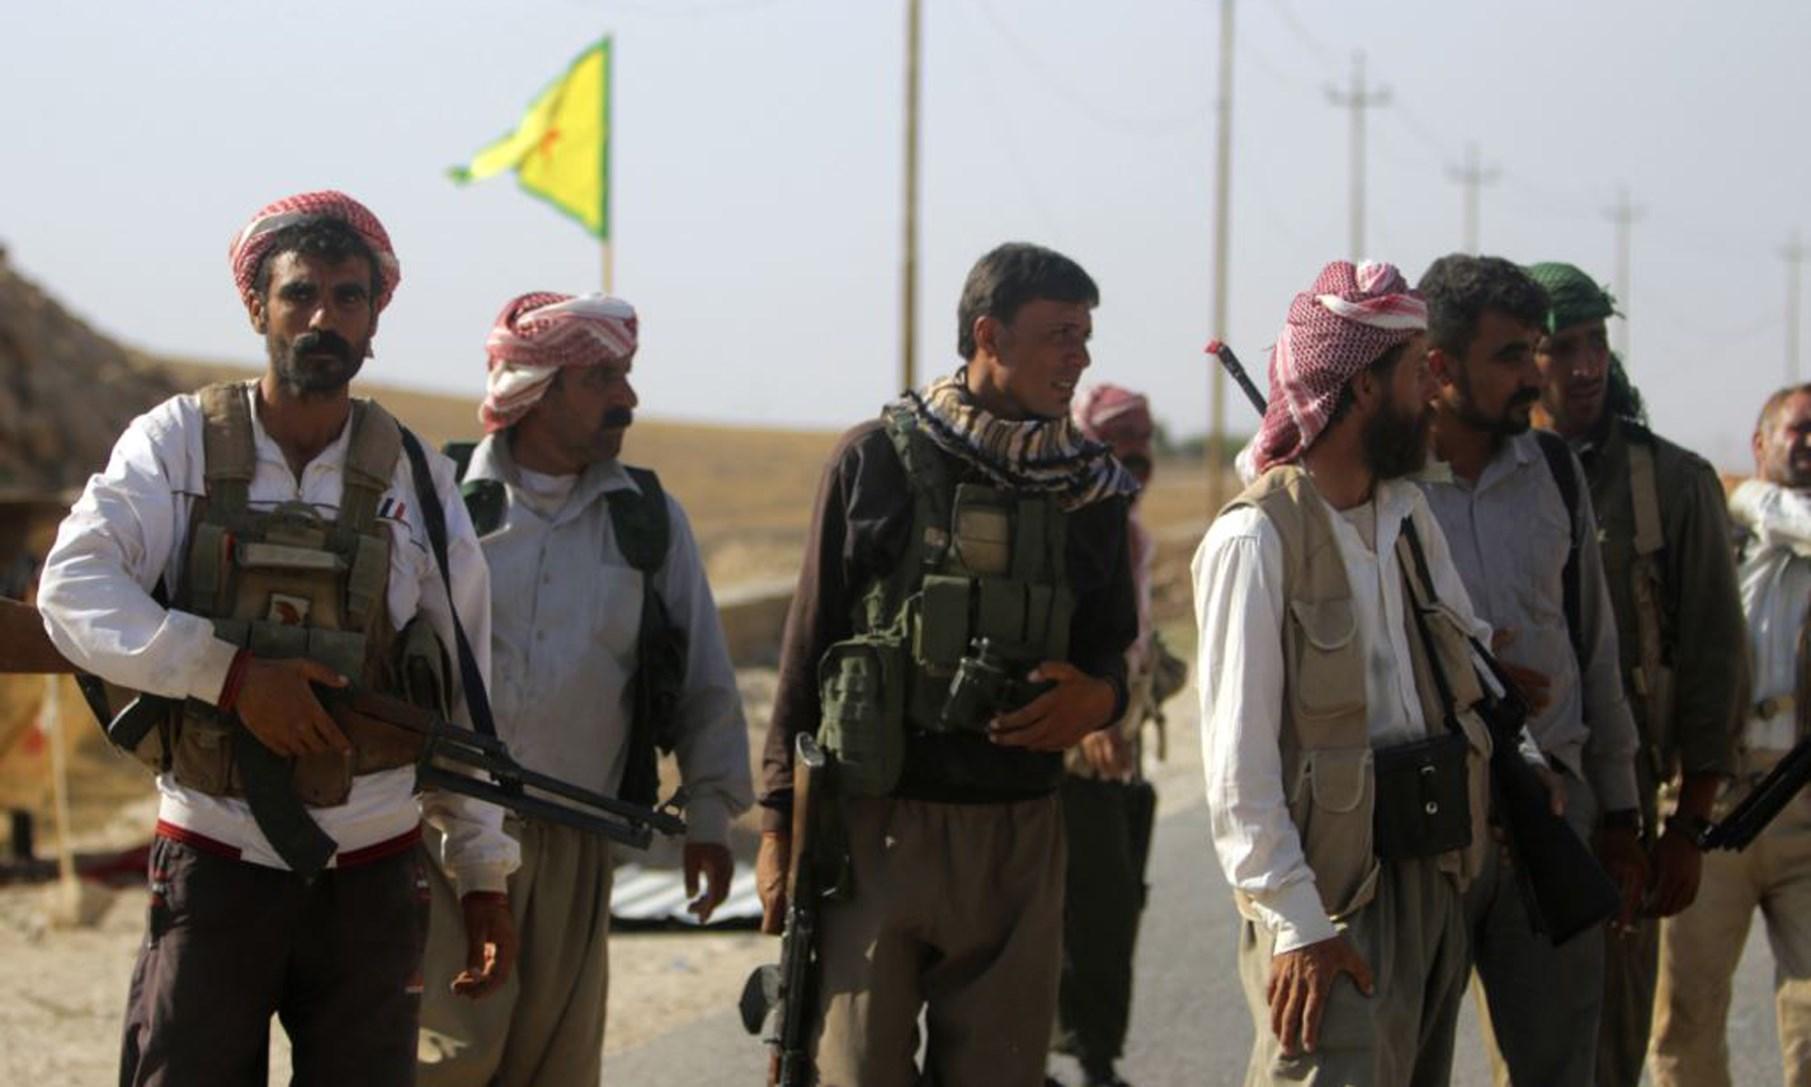 ضحيتان و3 جرحى من قوات وحدات حماية سنجار بانفجار منزل مفخخ